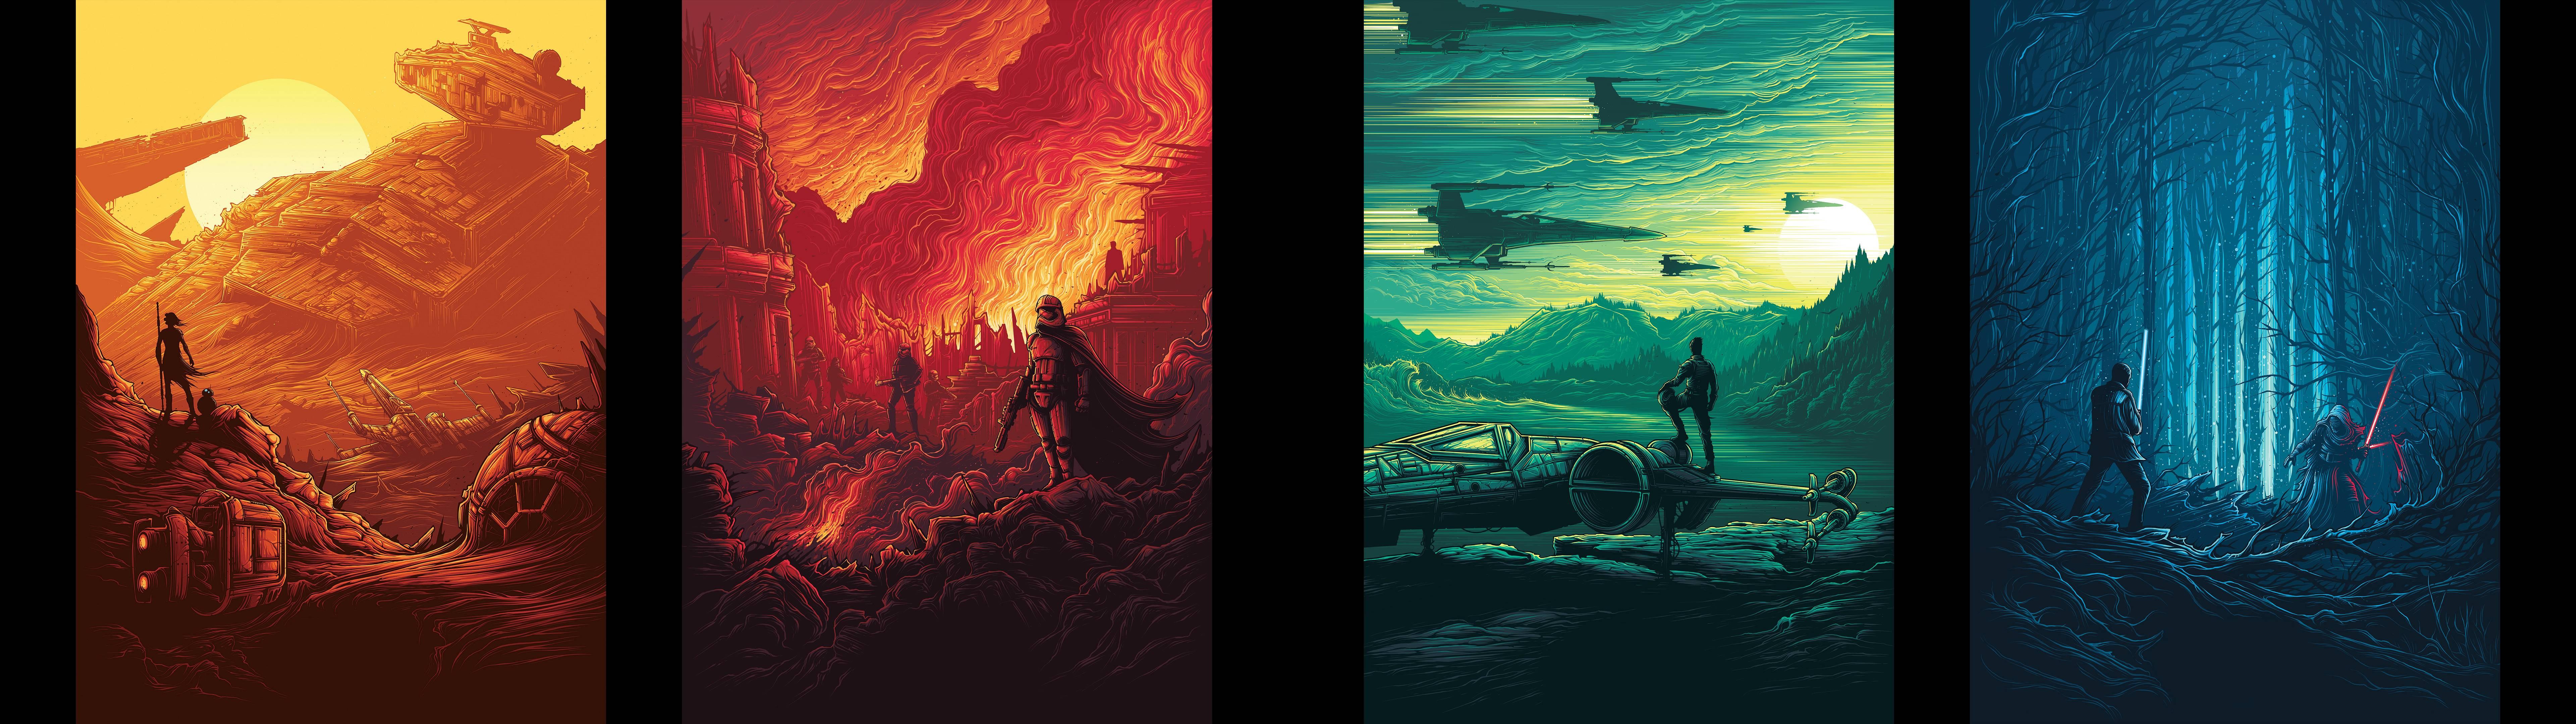 Star Wars Full Hd 7680x2160 Wallpaper Teahub Io